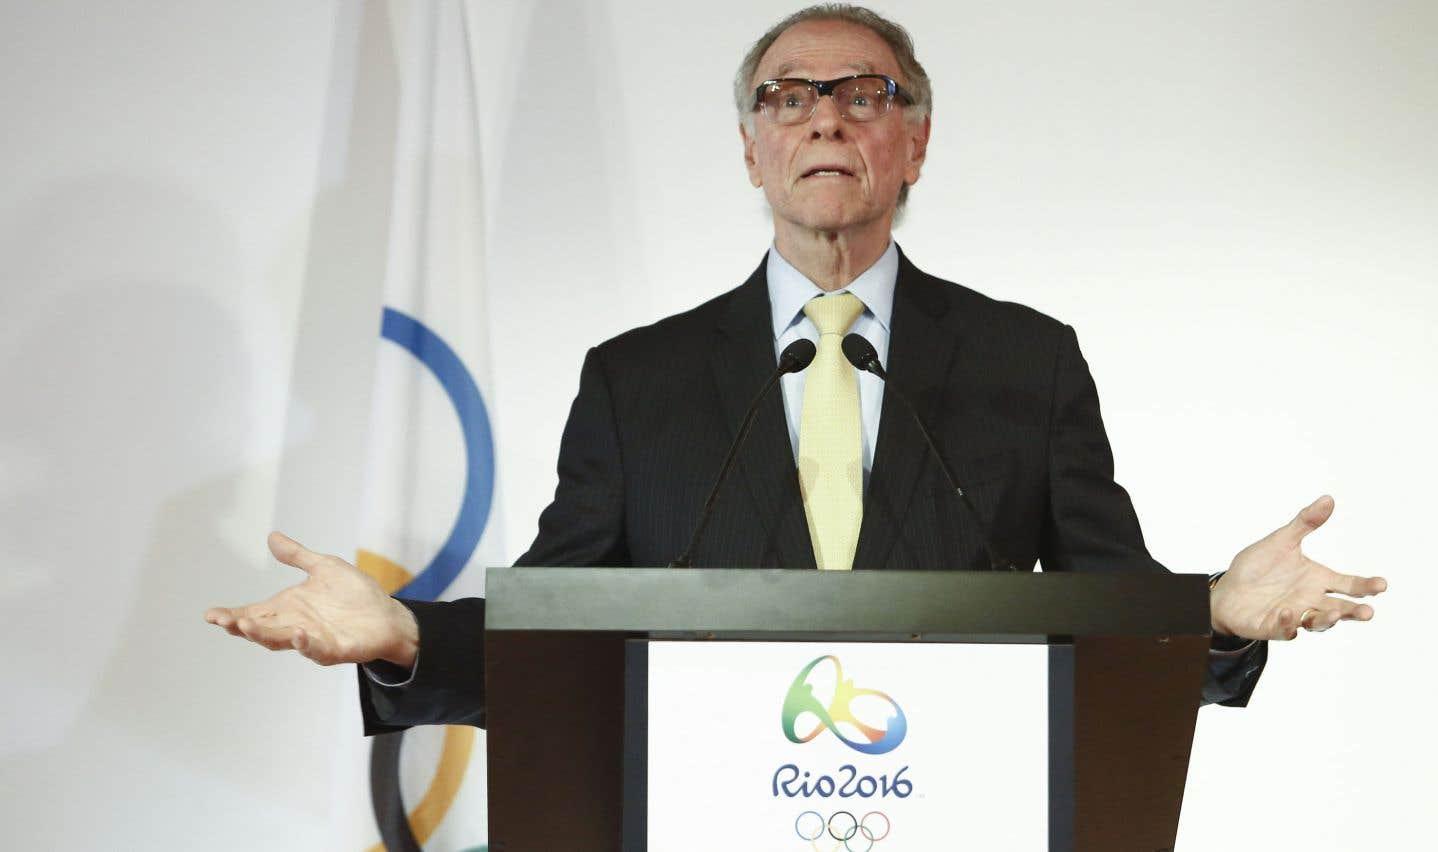 L'ancien président du comité olympique brésilien Carlos Nuzman